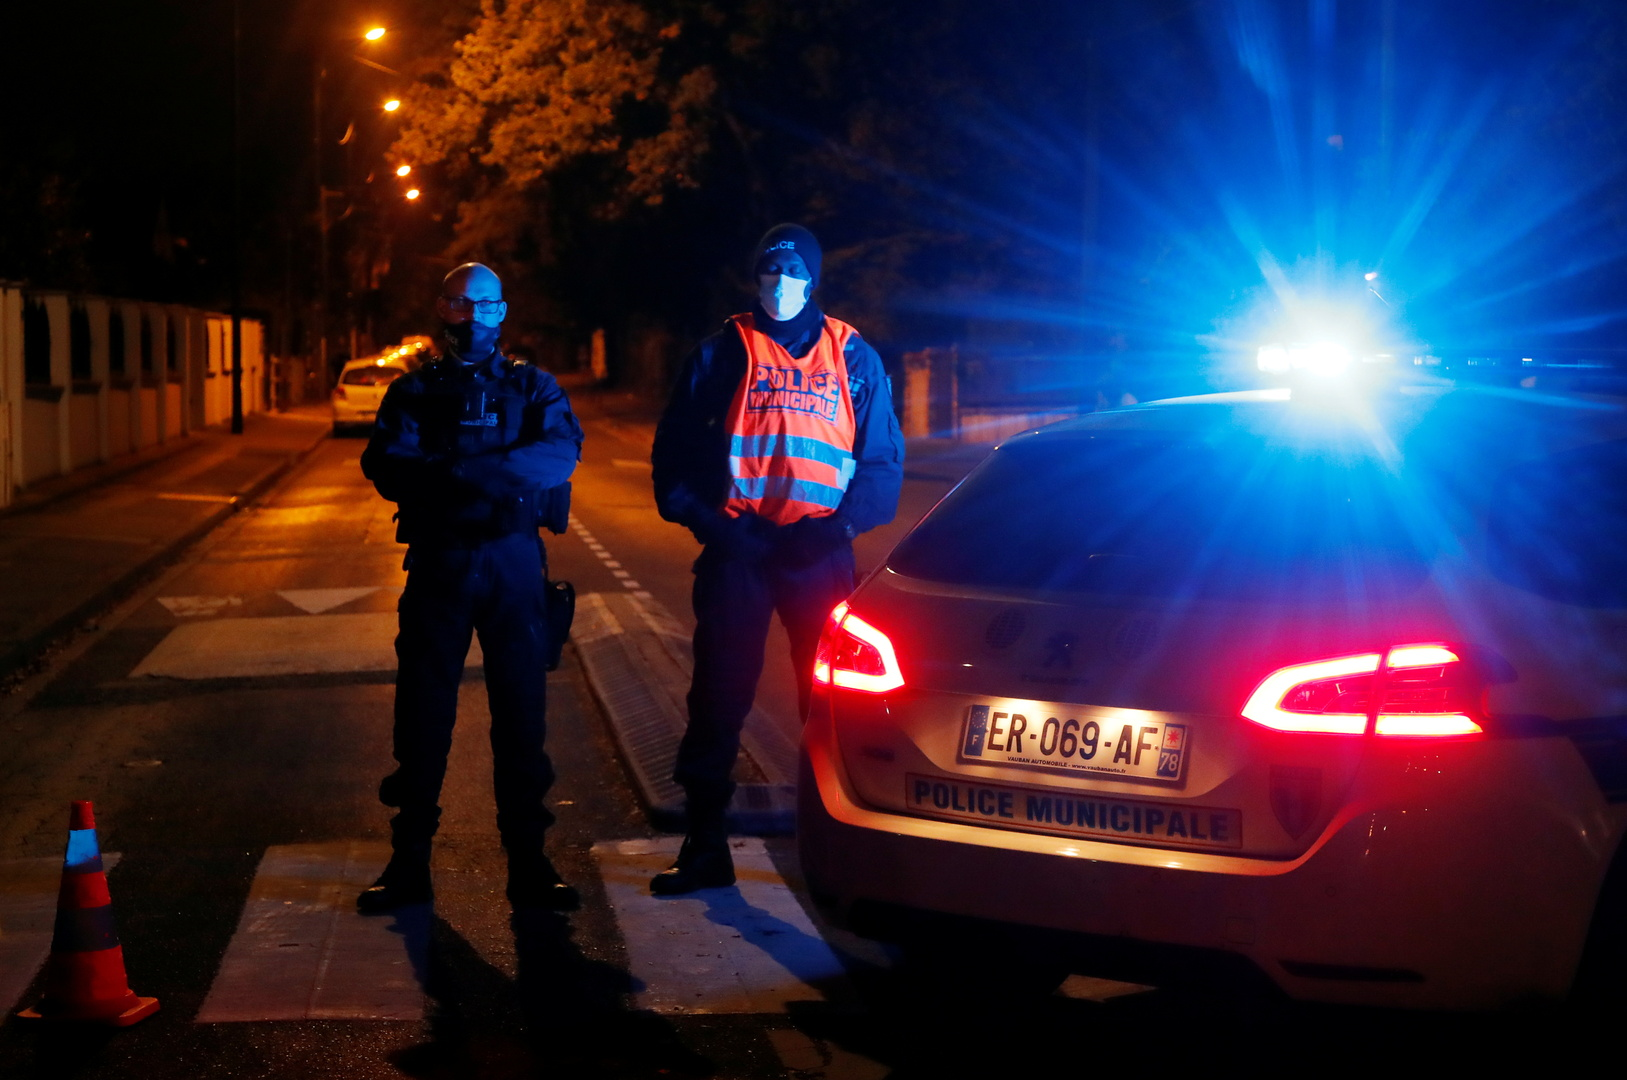 فرنسا.. اعتقالات جديدة في قضية قطع رأس المعلم المدرسي